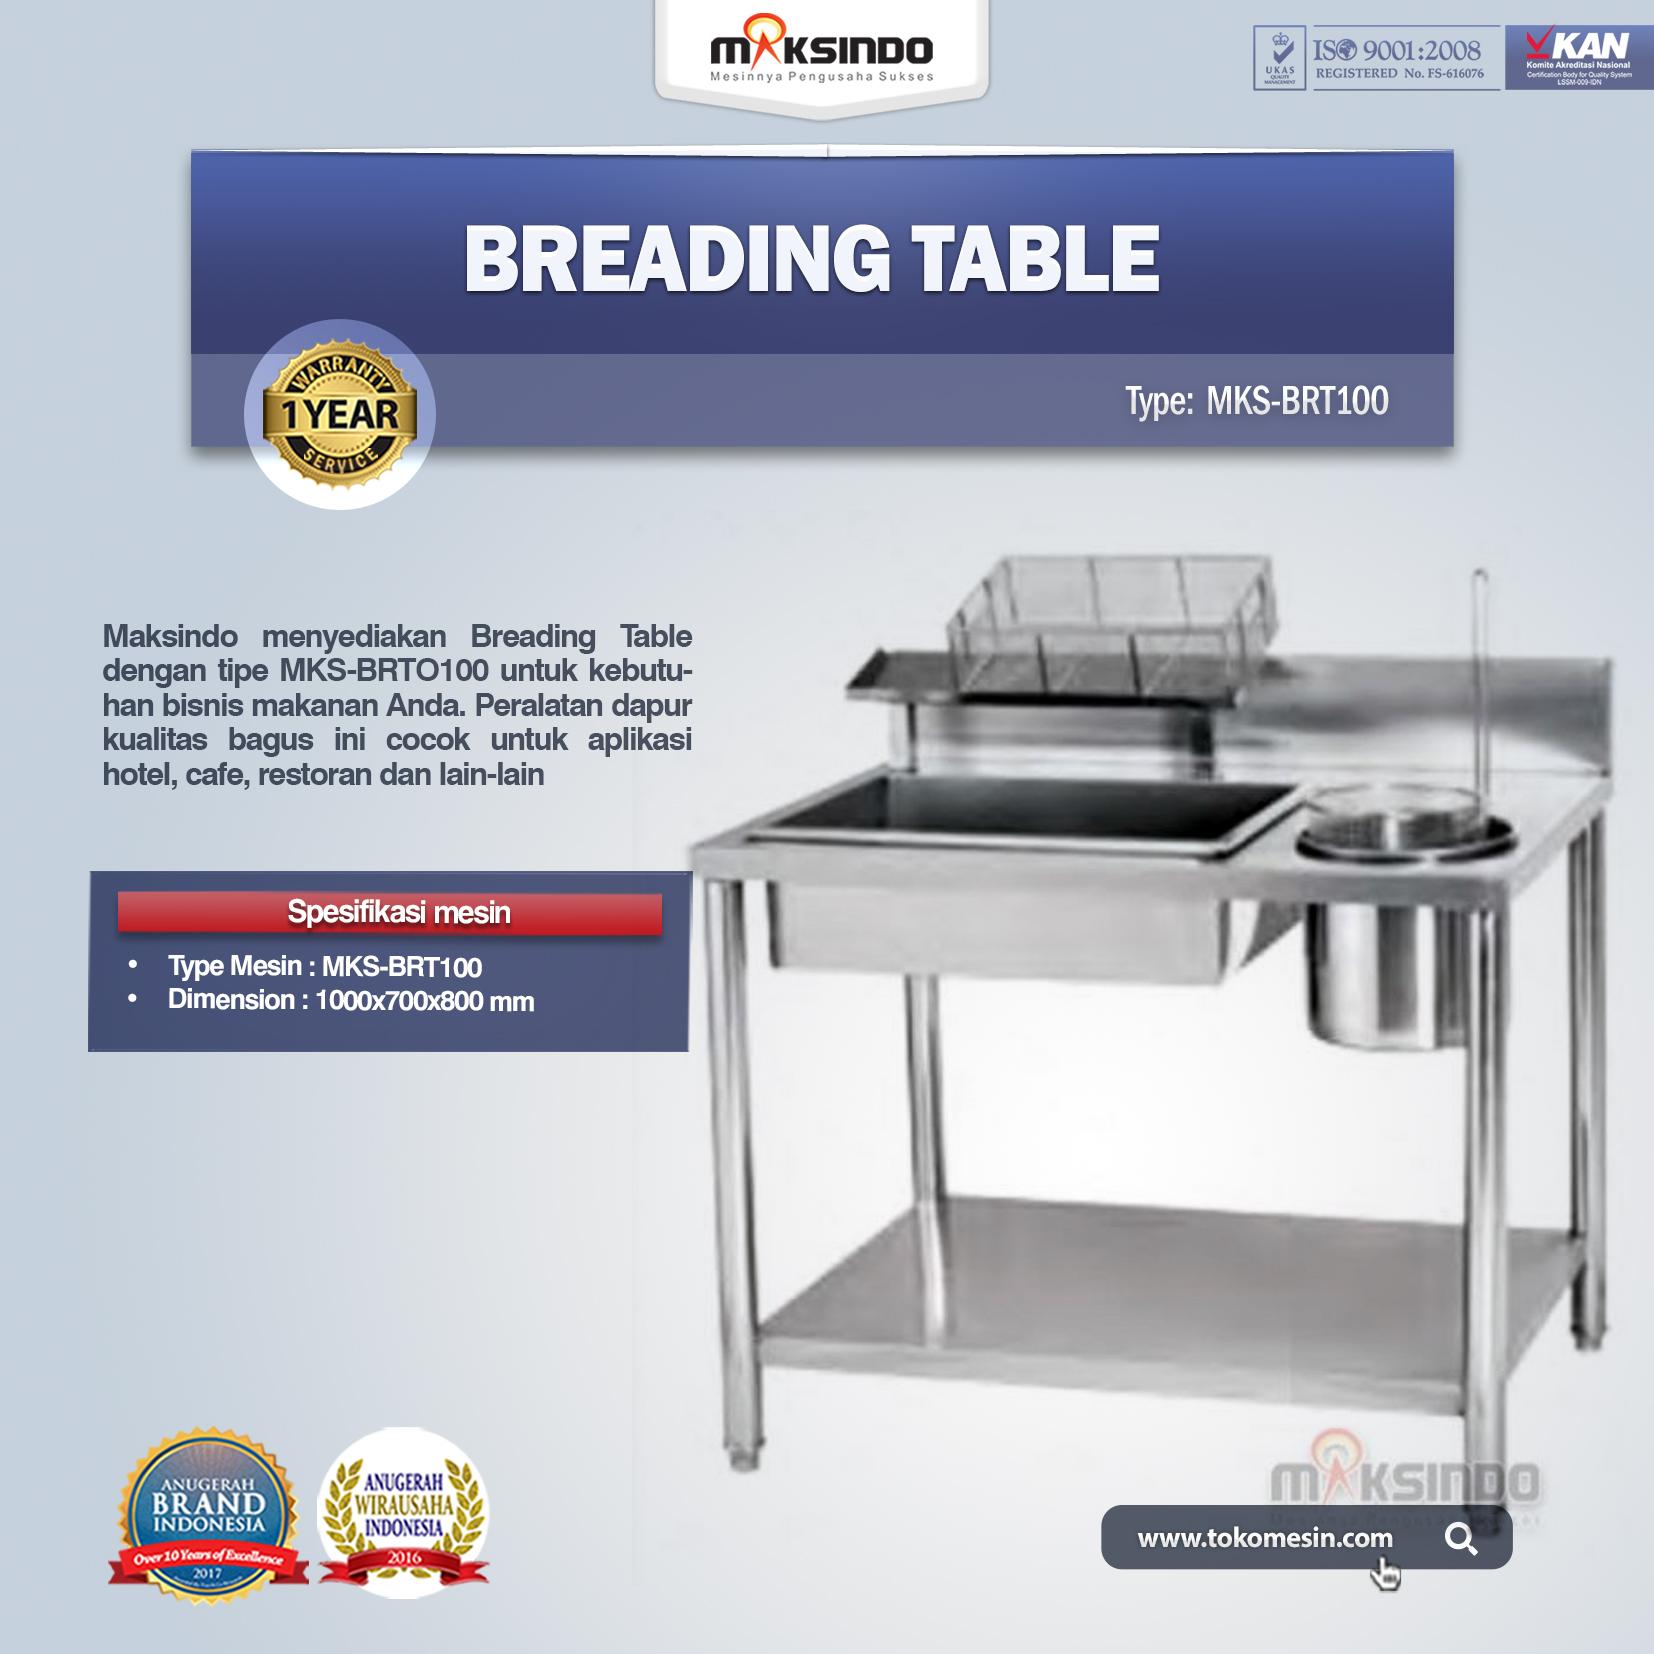 Jual Breading Table MKS-BRT100 di Bogor